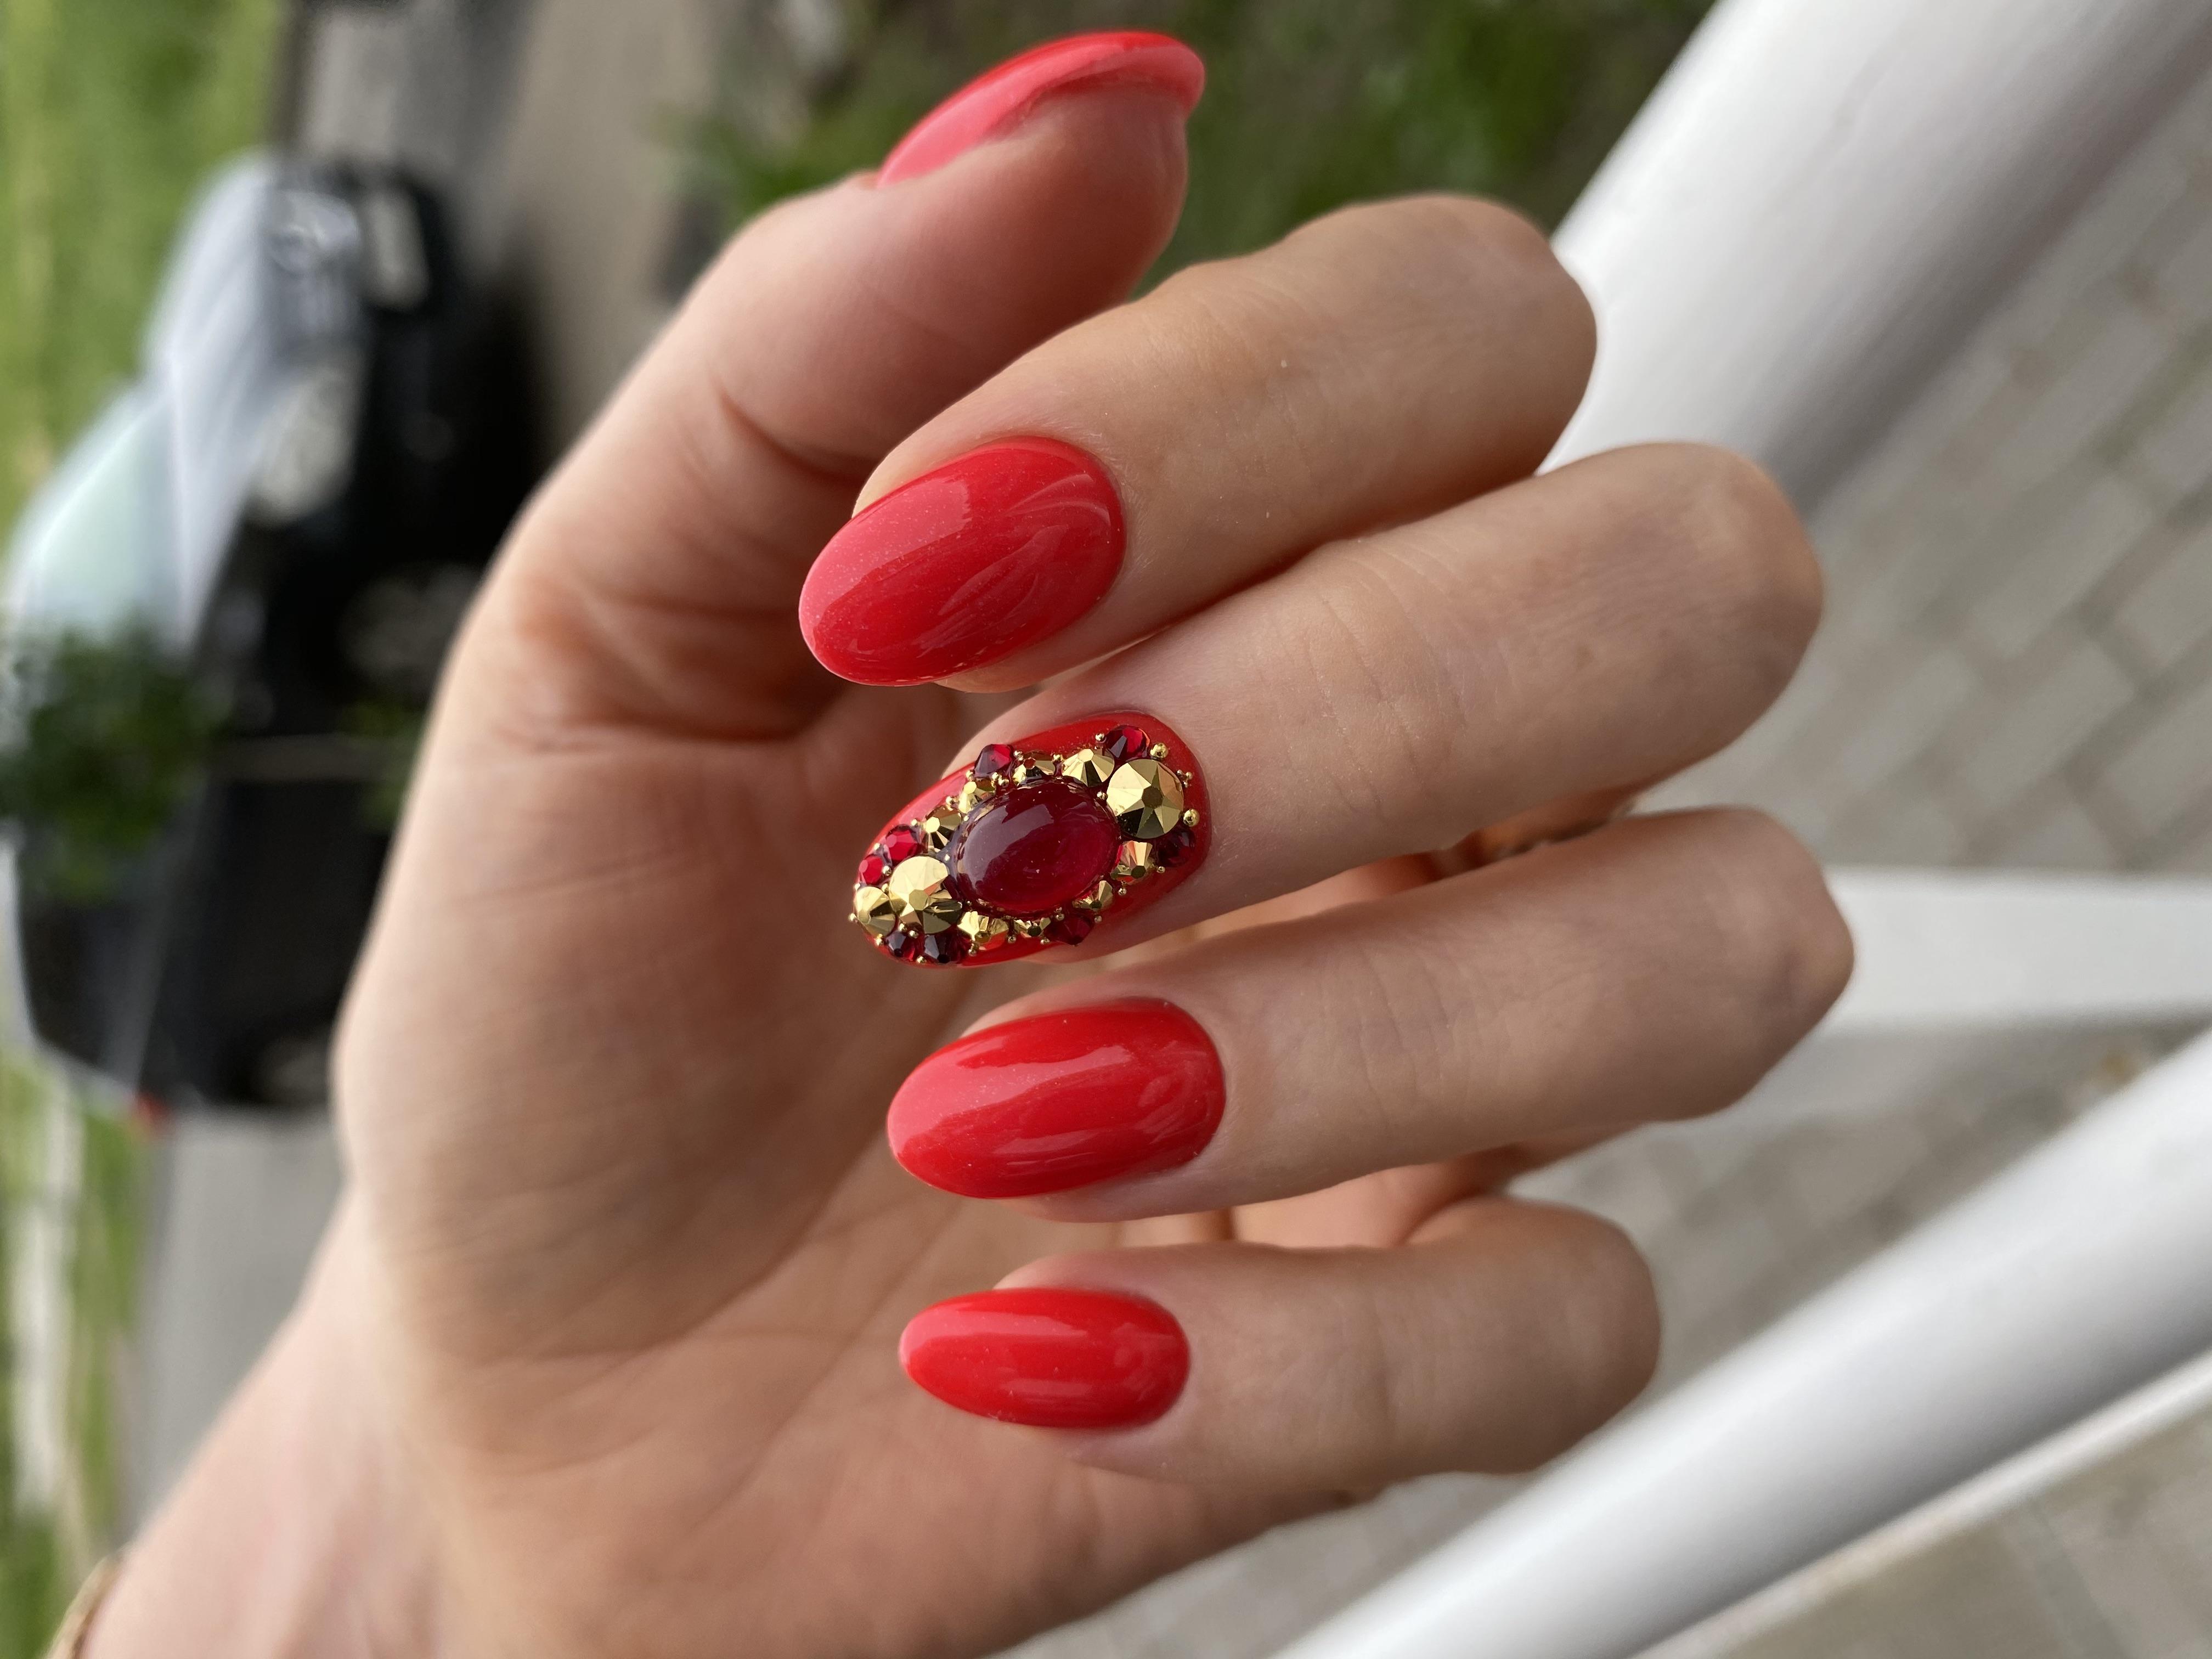 Маникюр со стразами в красном цвете на короткие ногти.